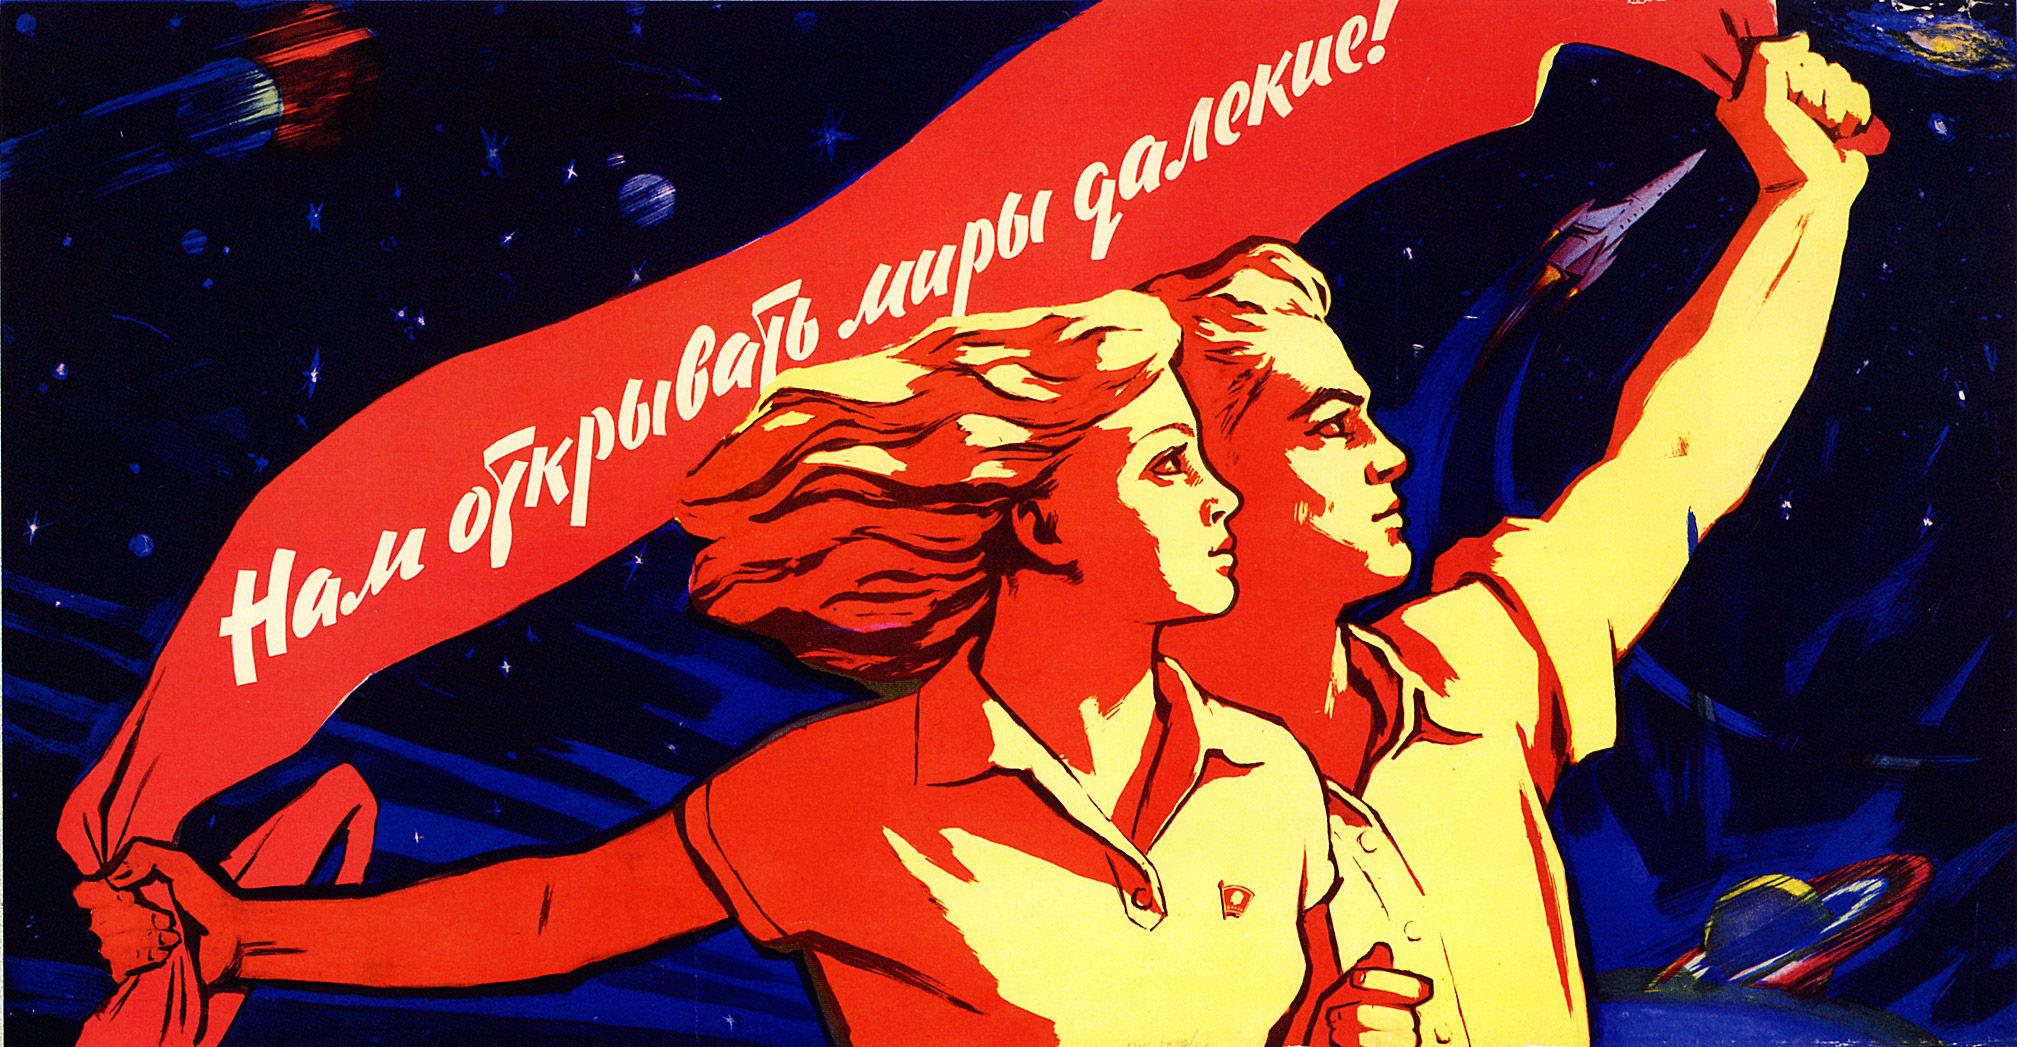 ¿Quién fue el jefe de Gobierno que más años estuvo en el poder de la URSS?